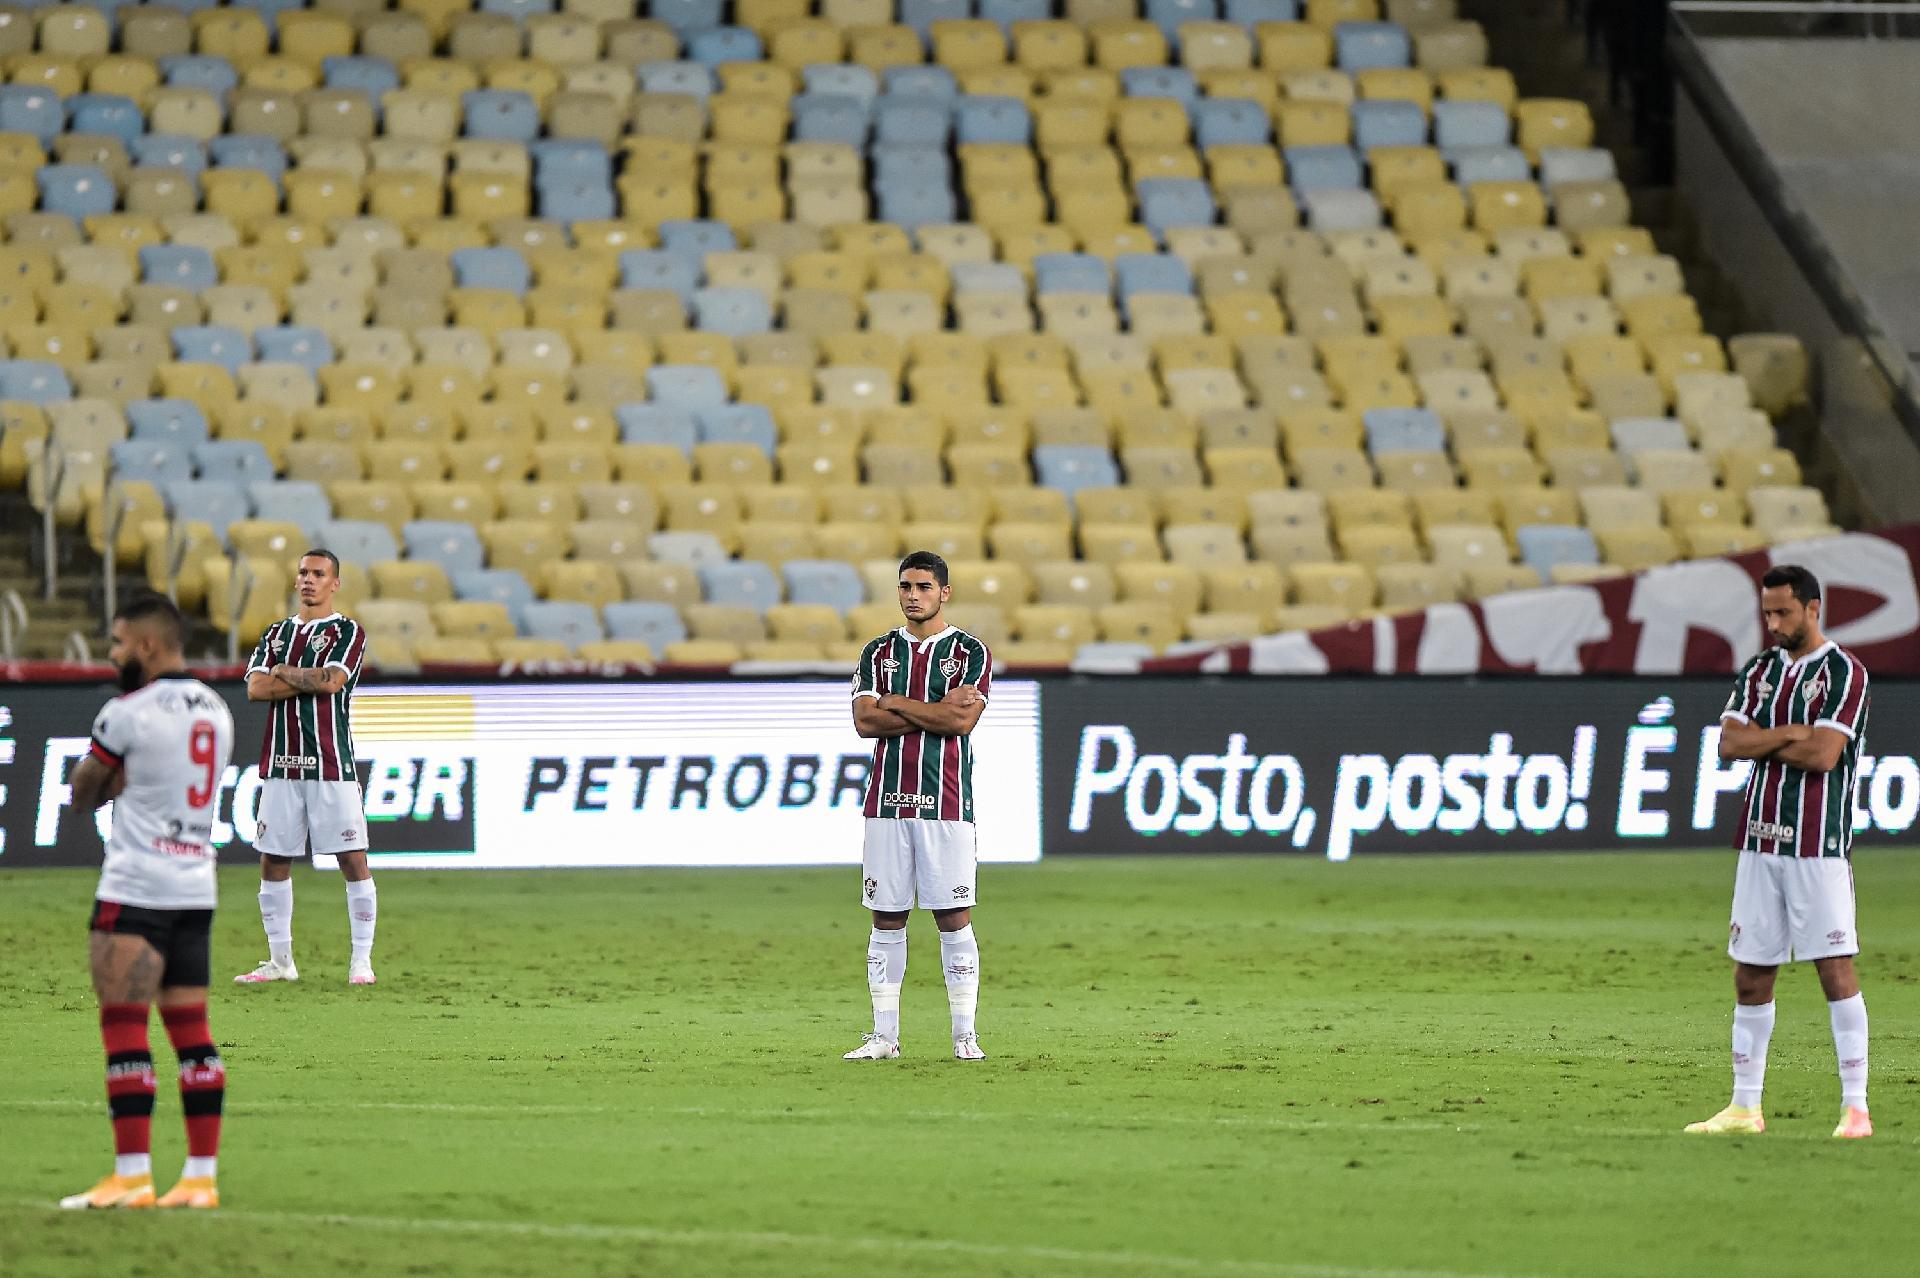 Jogadores de Flamengo e Fluminense fazem protesto de apoio aos profissionais do Figueirense que foram agredidos no último sábado durante treinamento